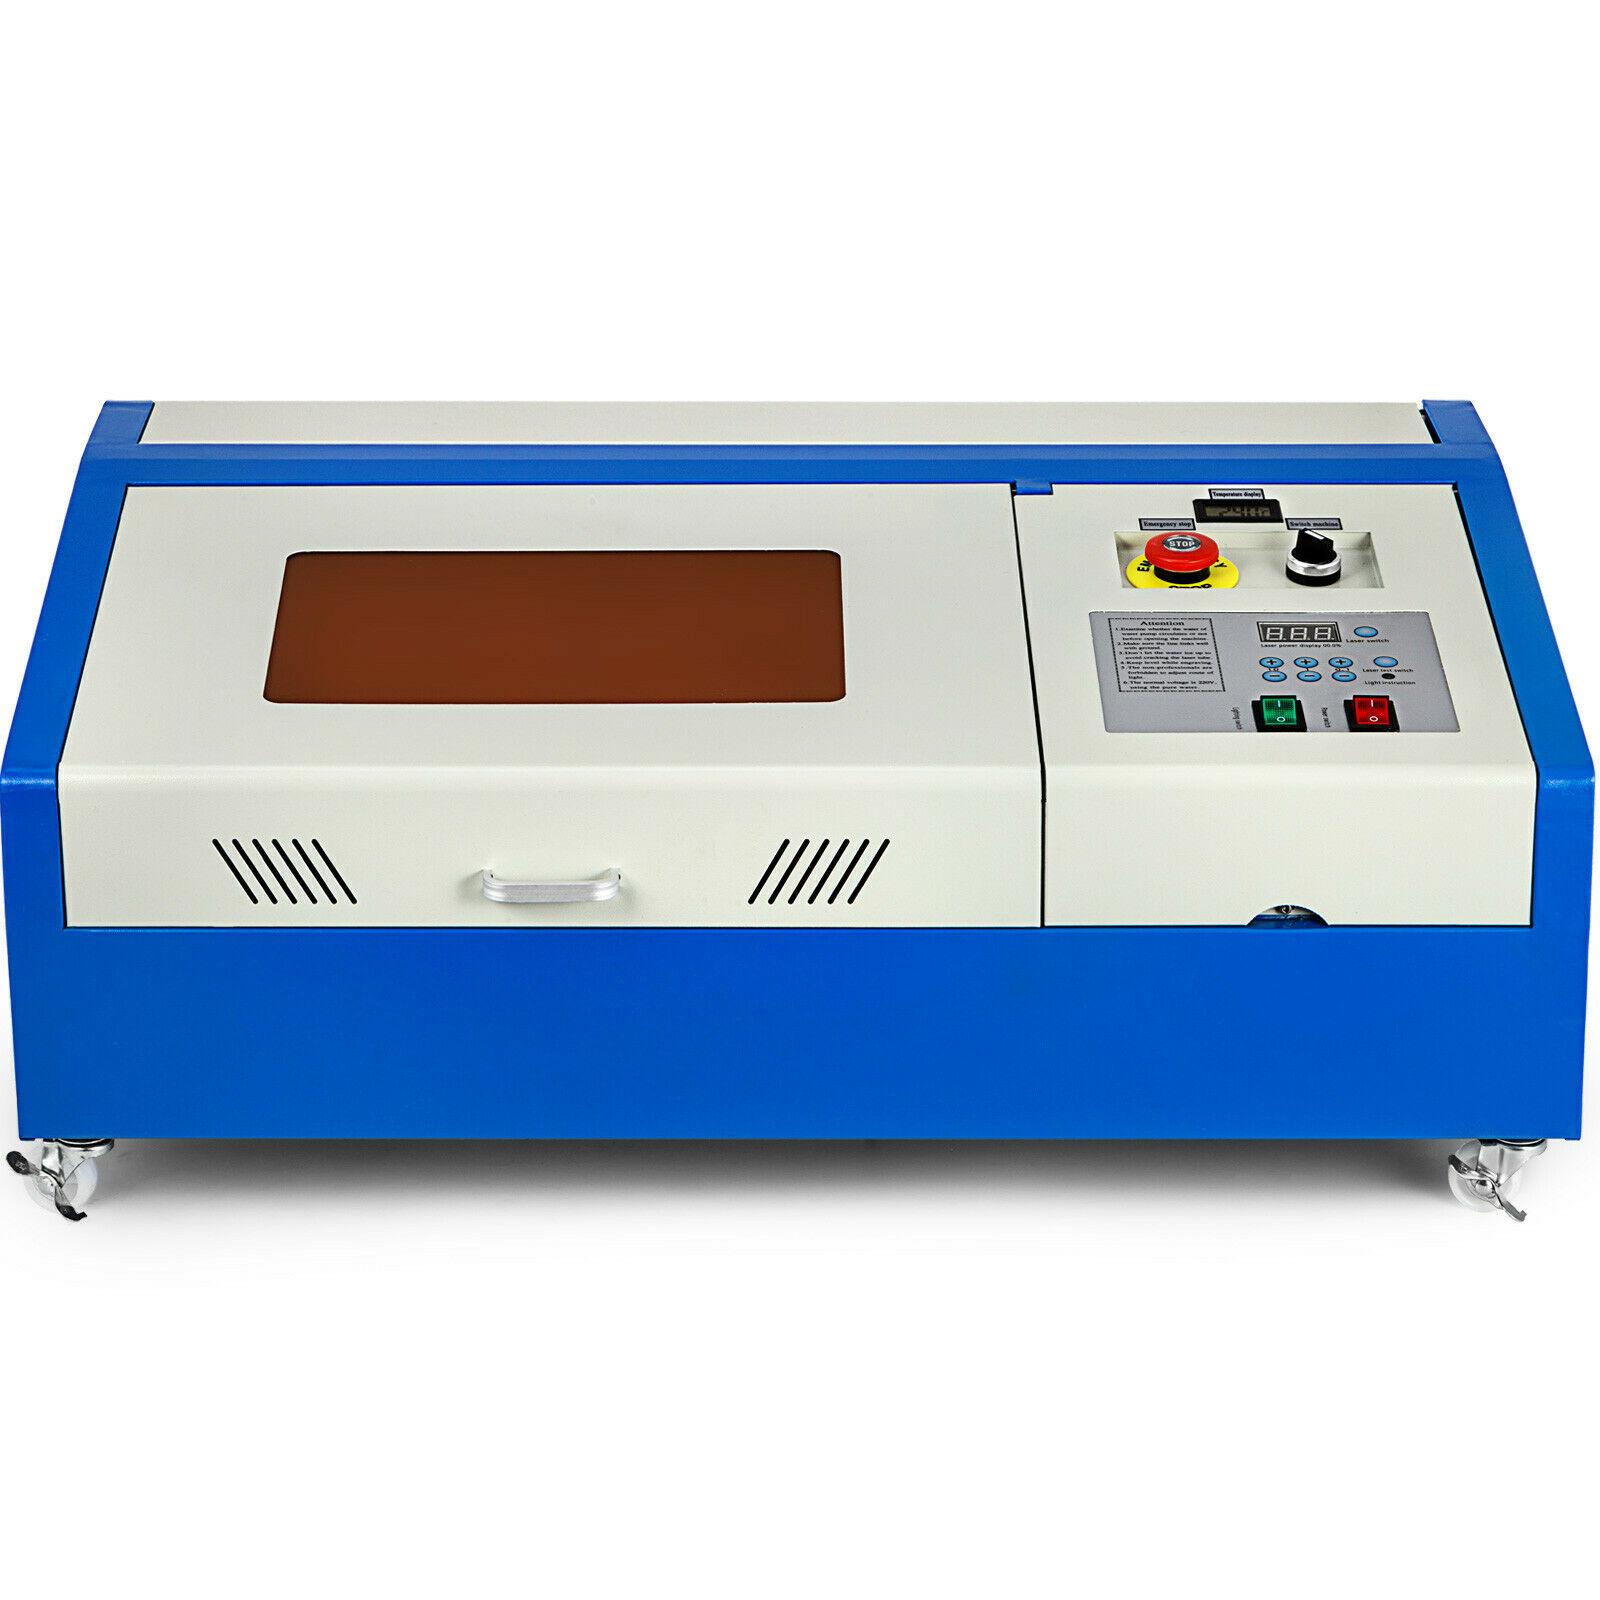 40W CO2 Laser Engraver Cutter Gravur Schneiden Maschine USB 300x200mm